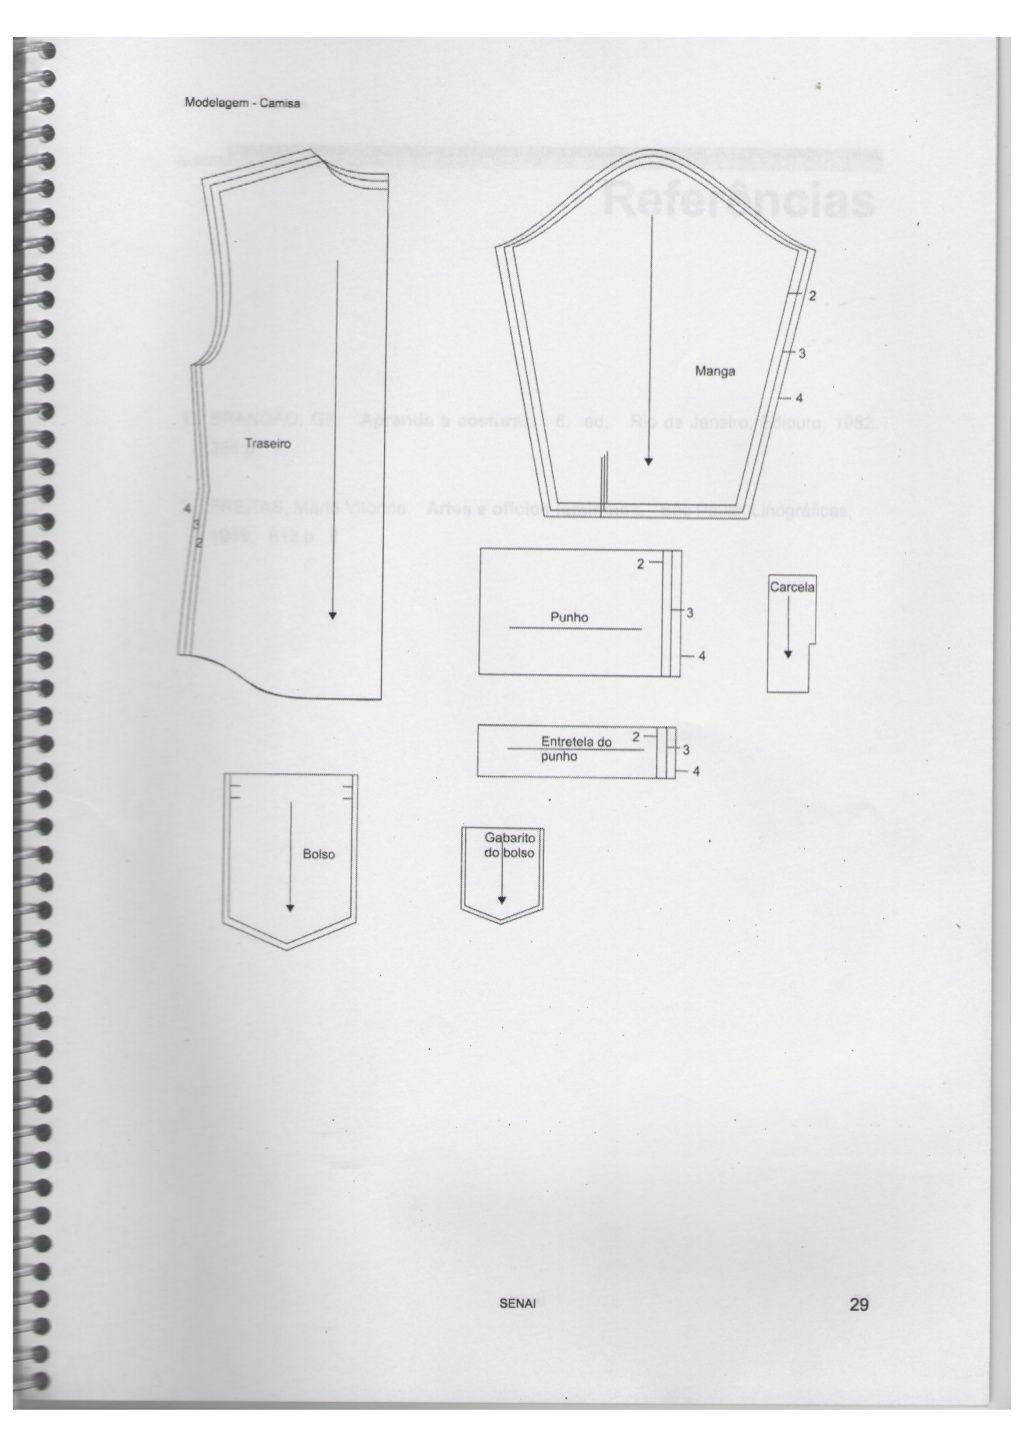 Apostila Do Senai Modelagem Curso De Costura Senai Costura